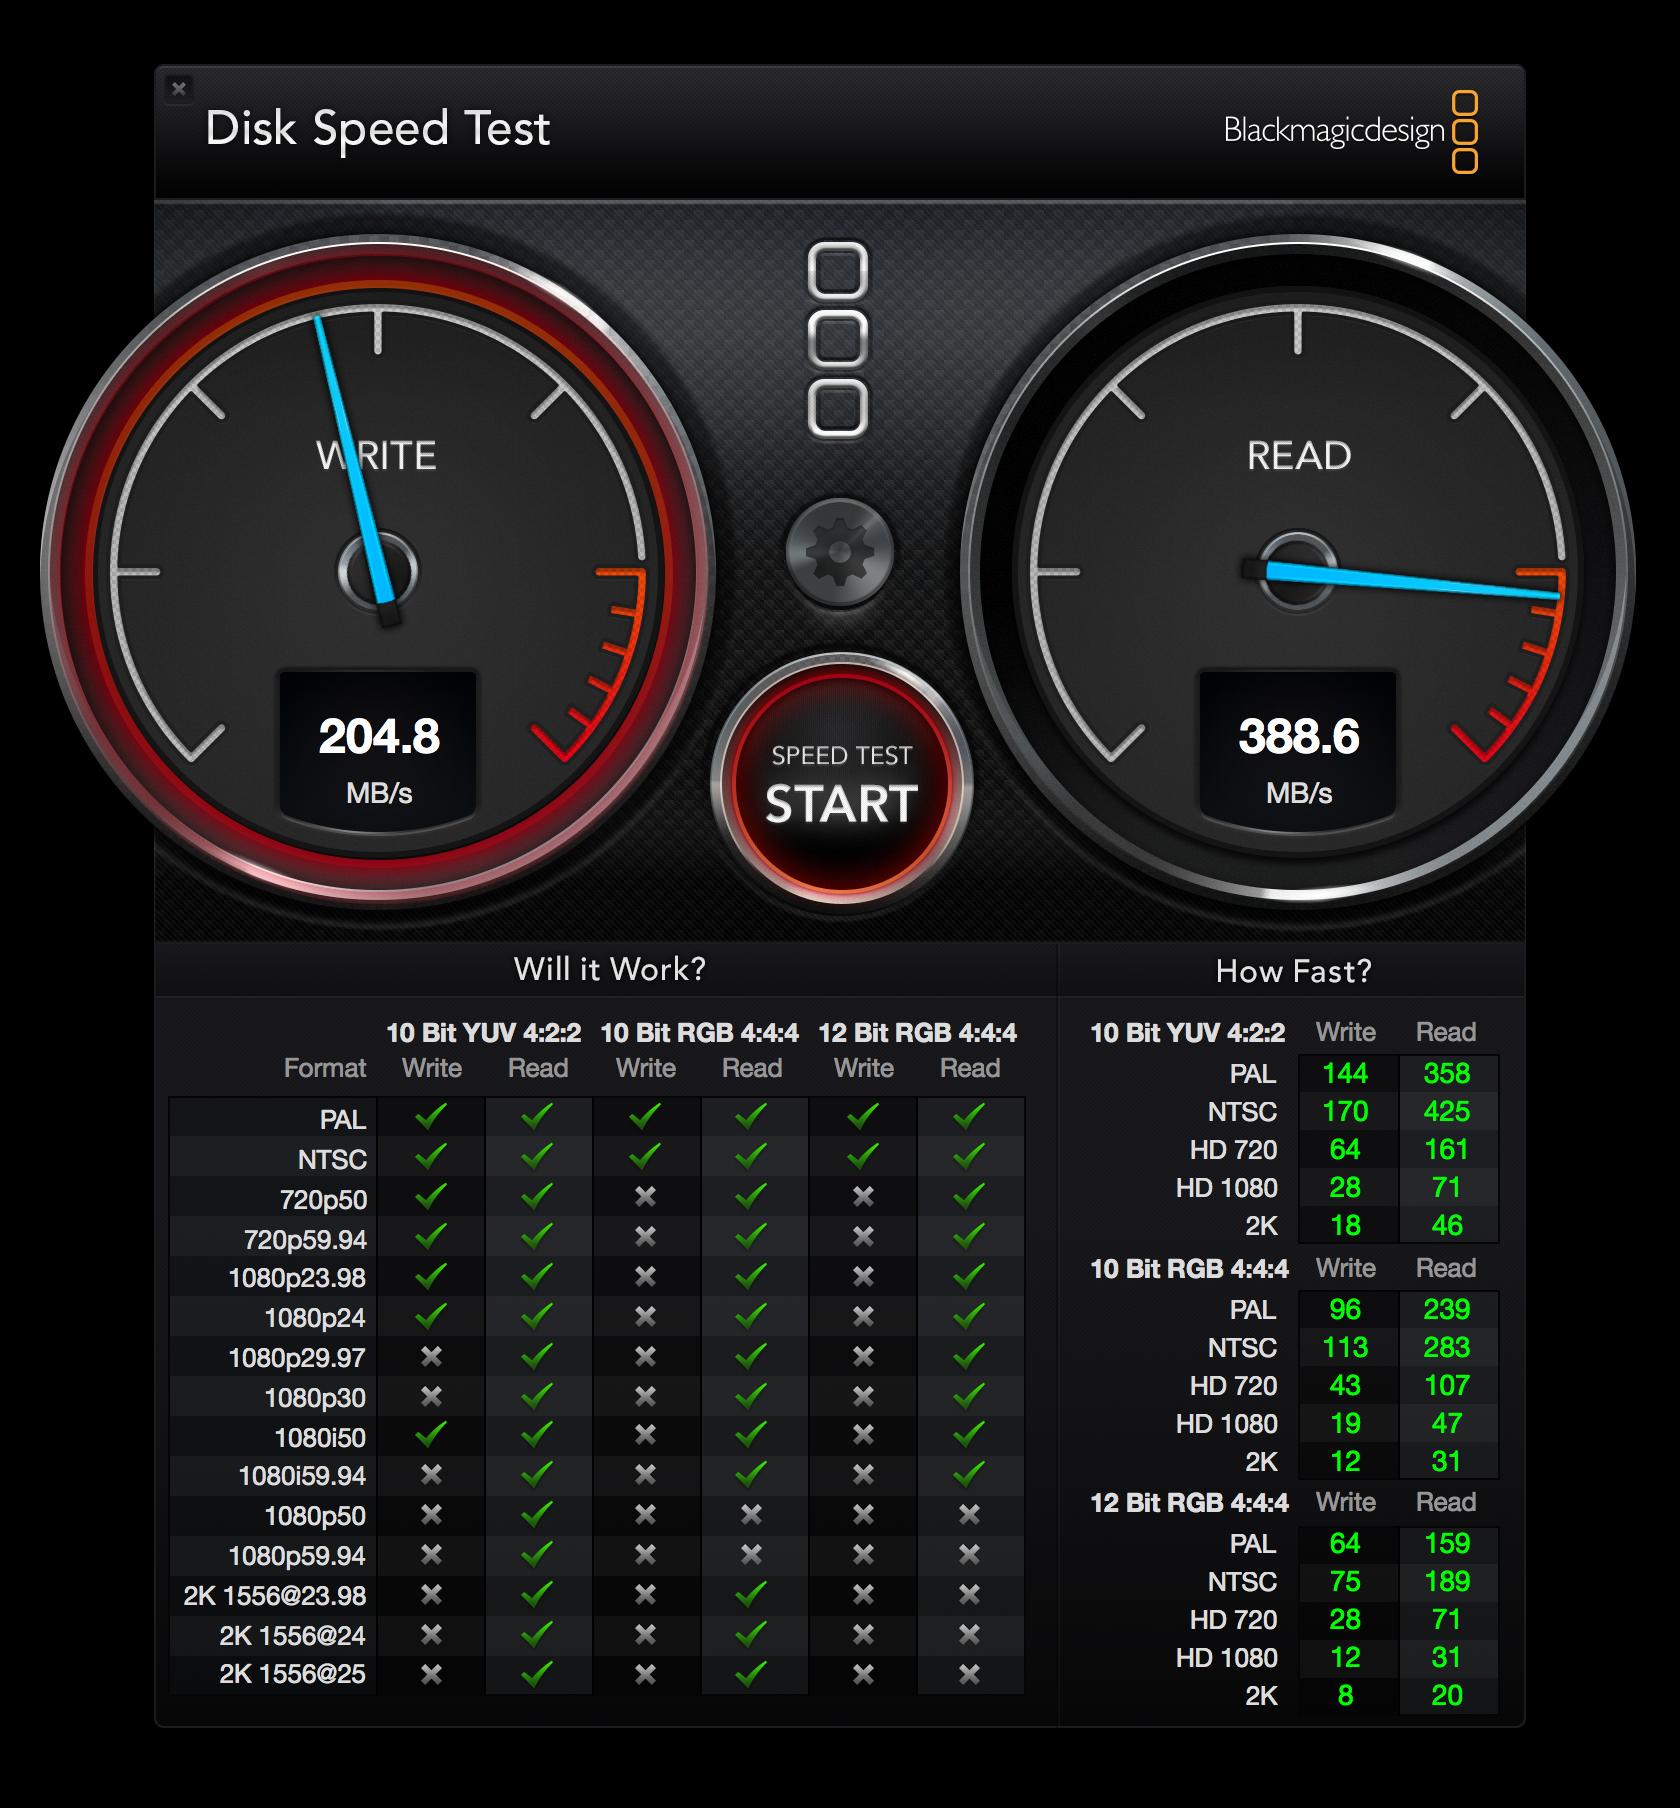 Lexar JumpDrive P20 Black Magic Disk Speed Test